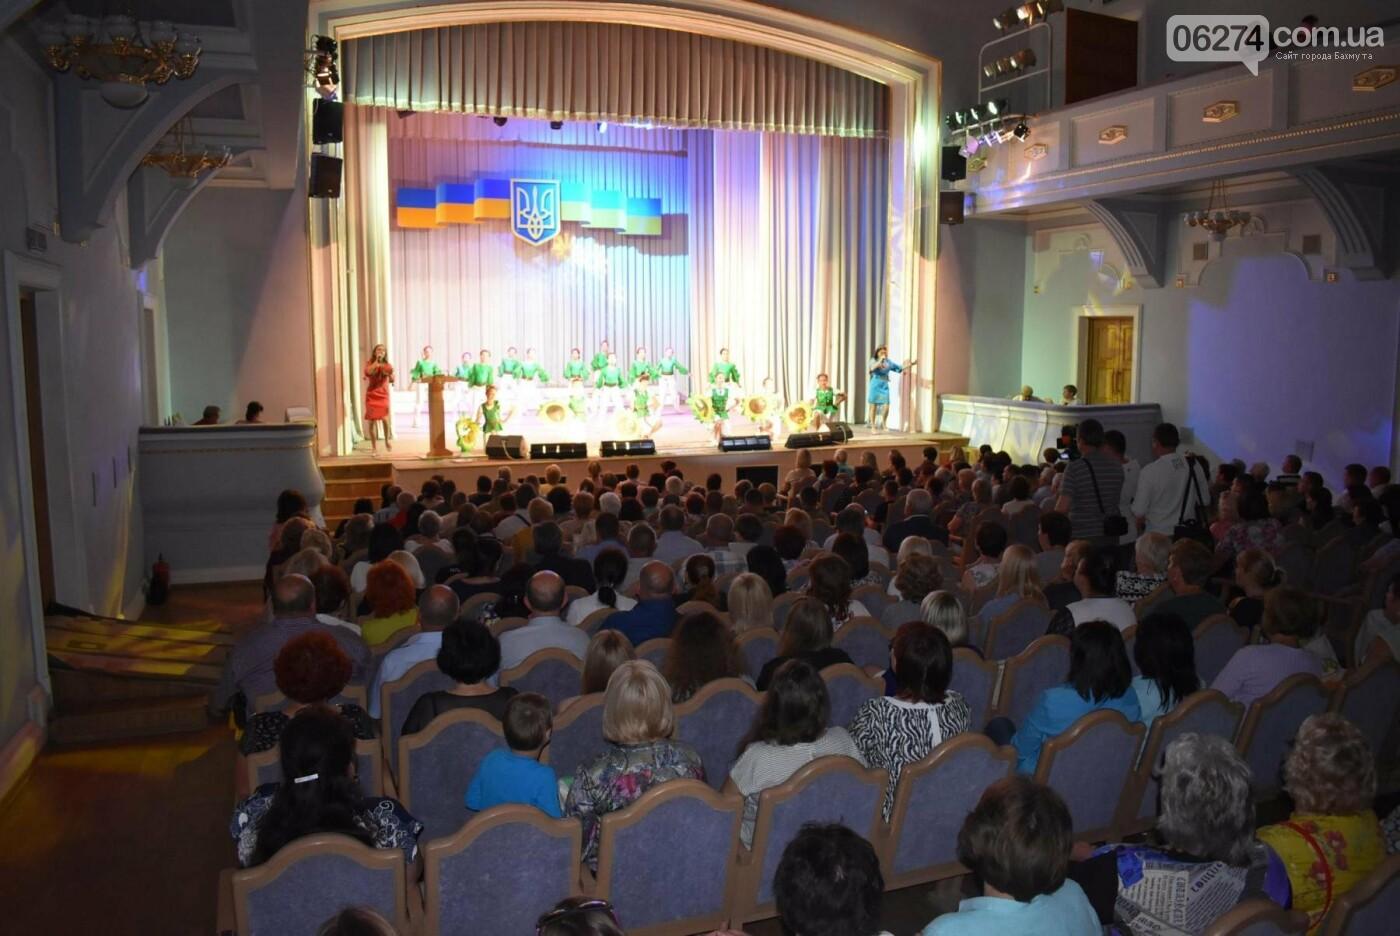 В Бахмуте прошло торжественное собрание по случаю Дня Конституции Украины, фото-11